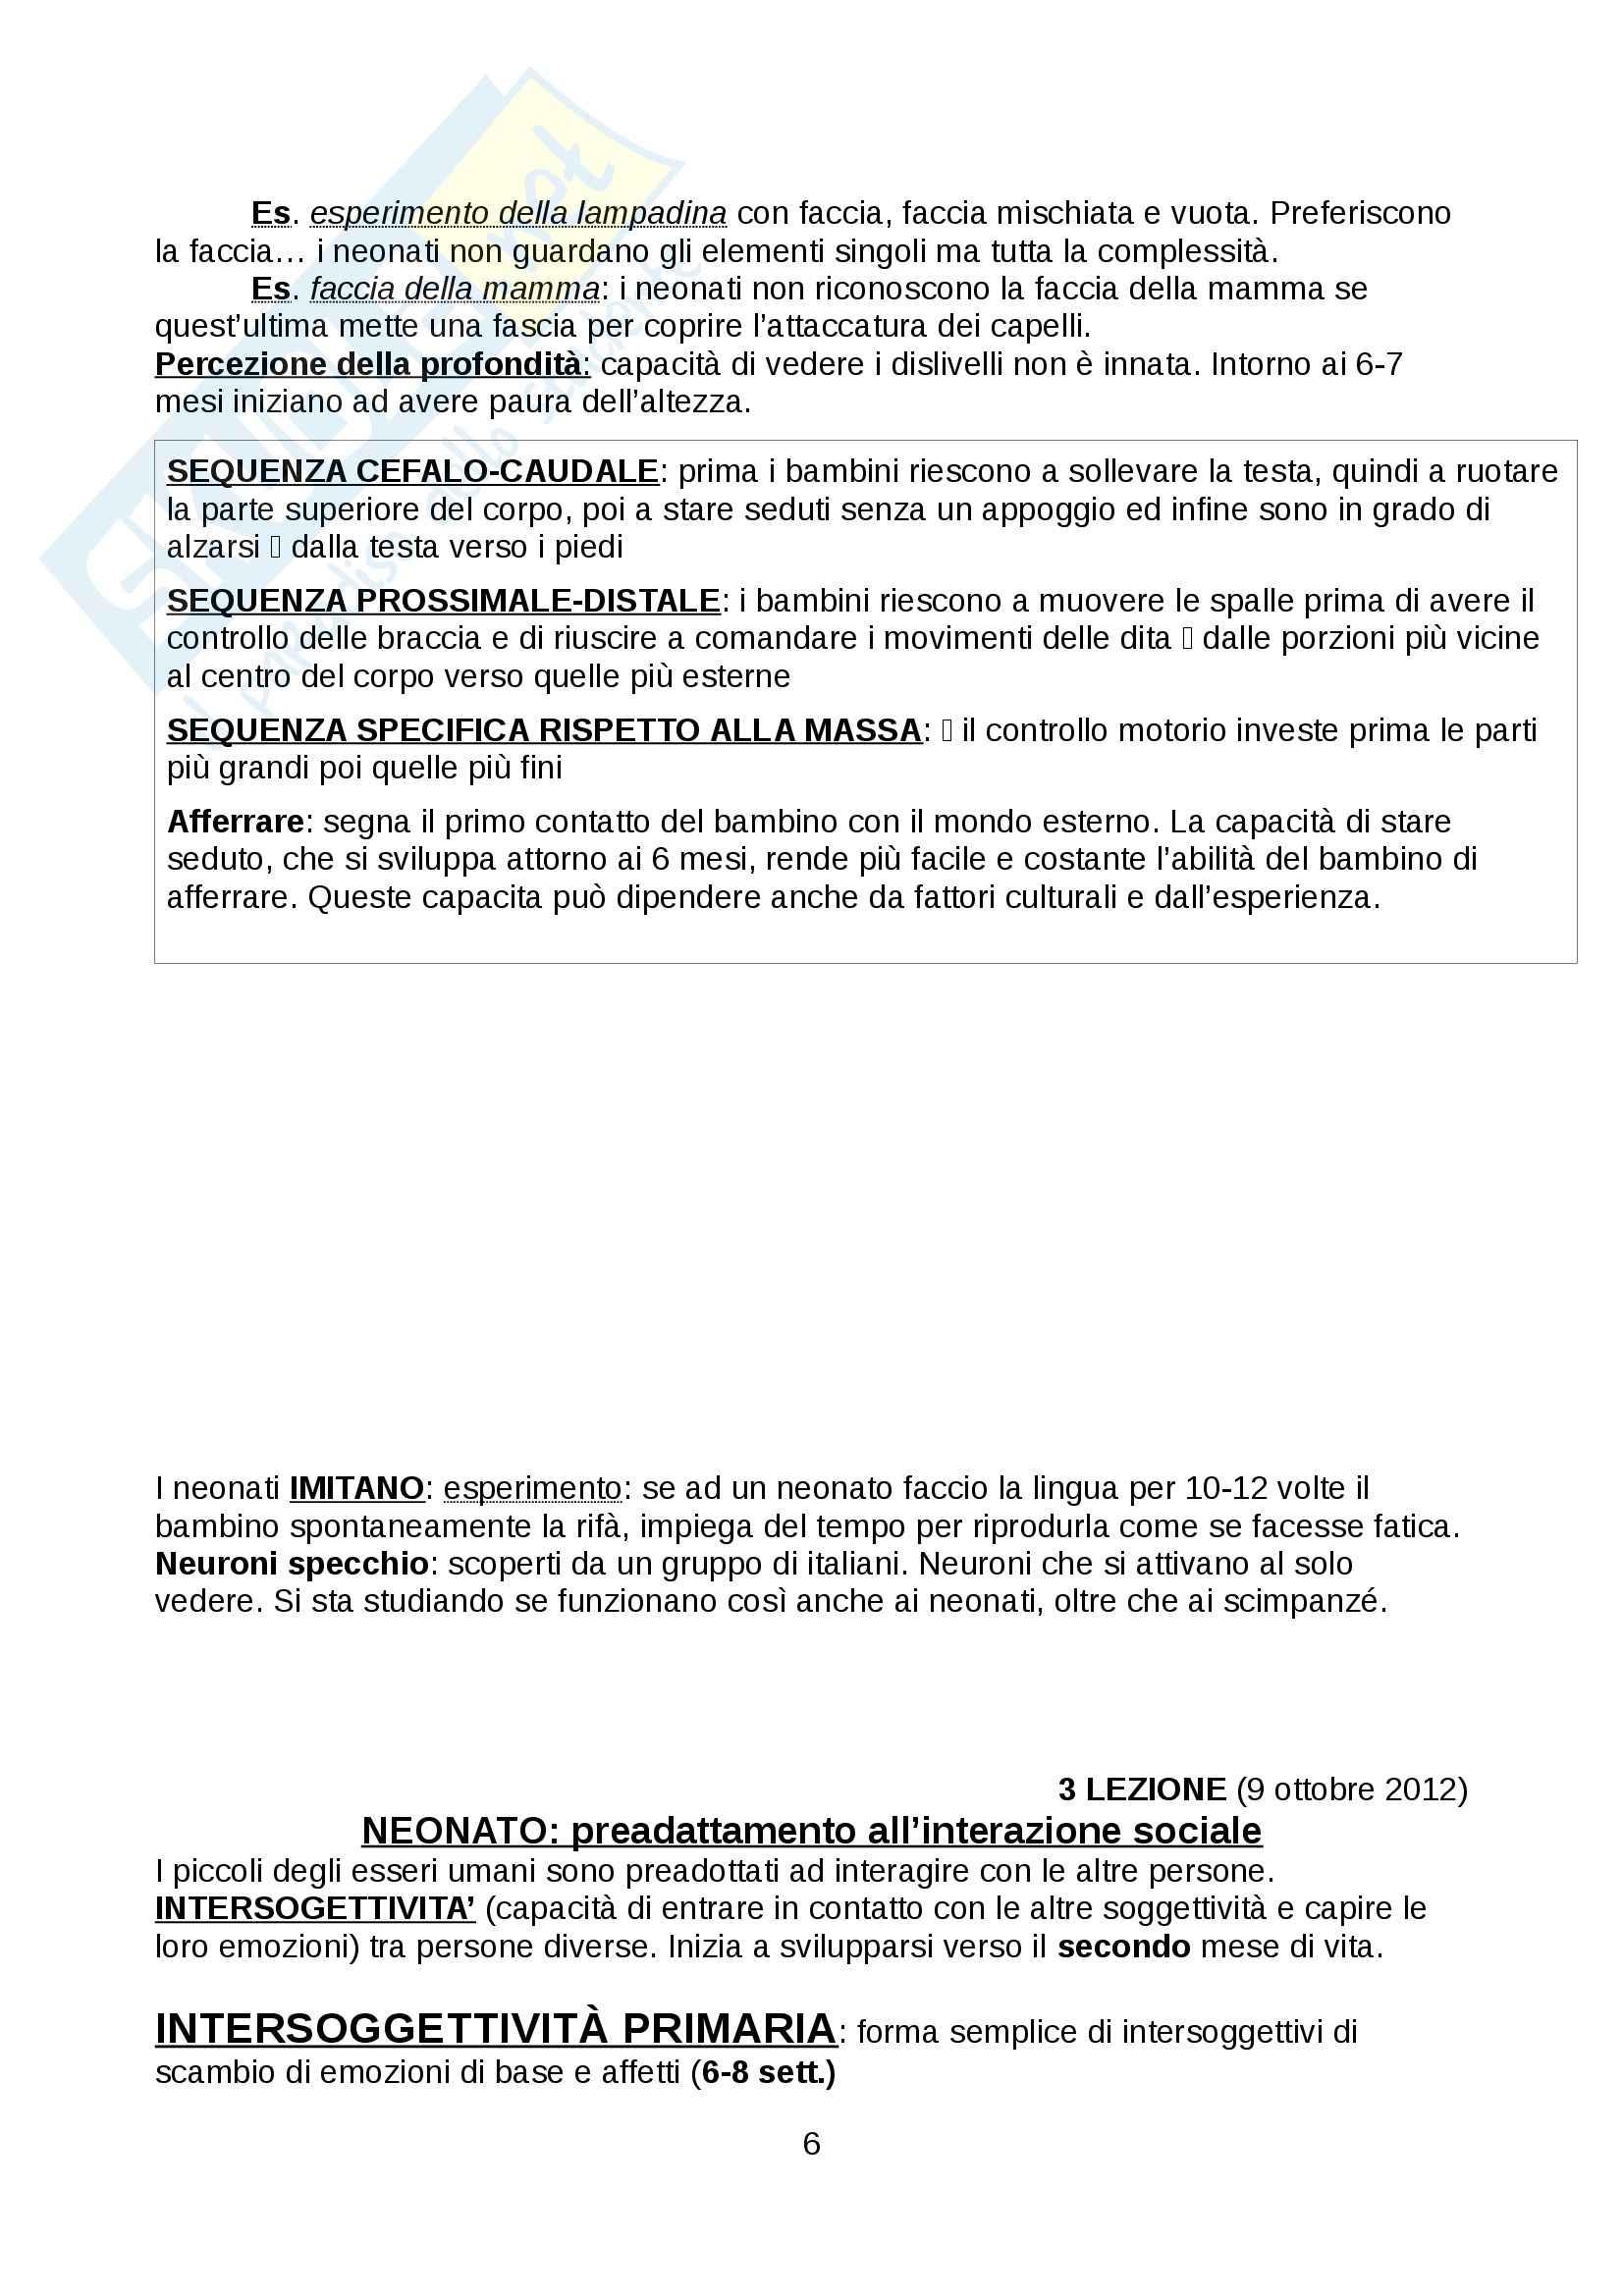 Psicologia dello sviluppo - Appunti Pag. 6